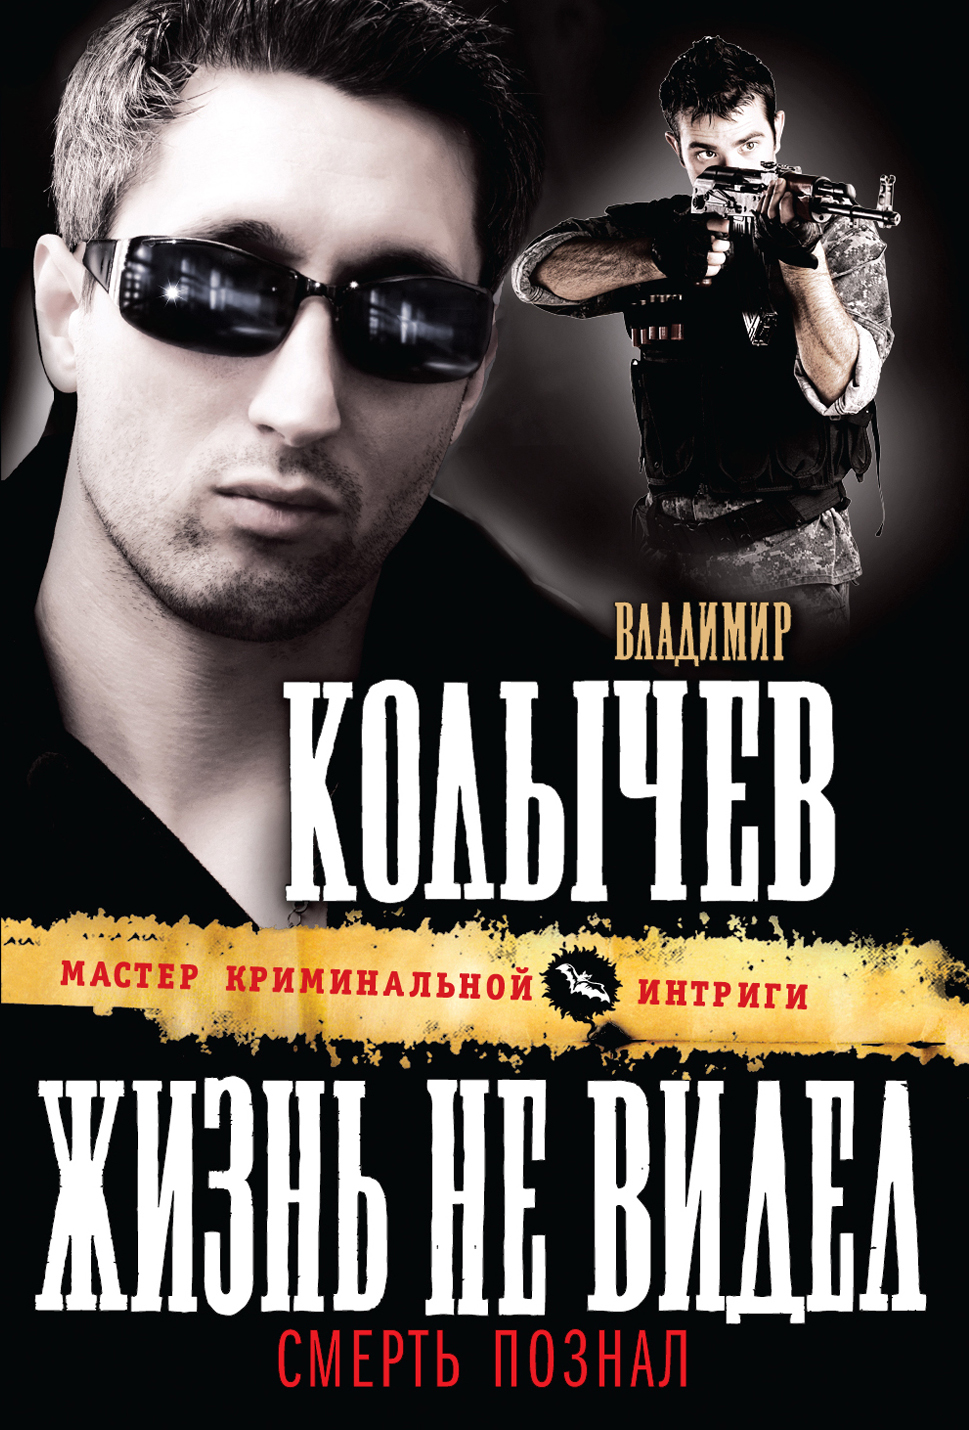 Владимир Колычев «Жизнь не видел, смерть познал»